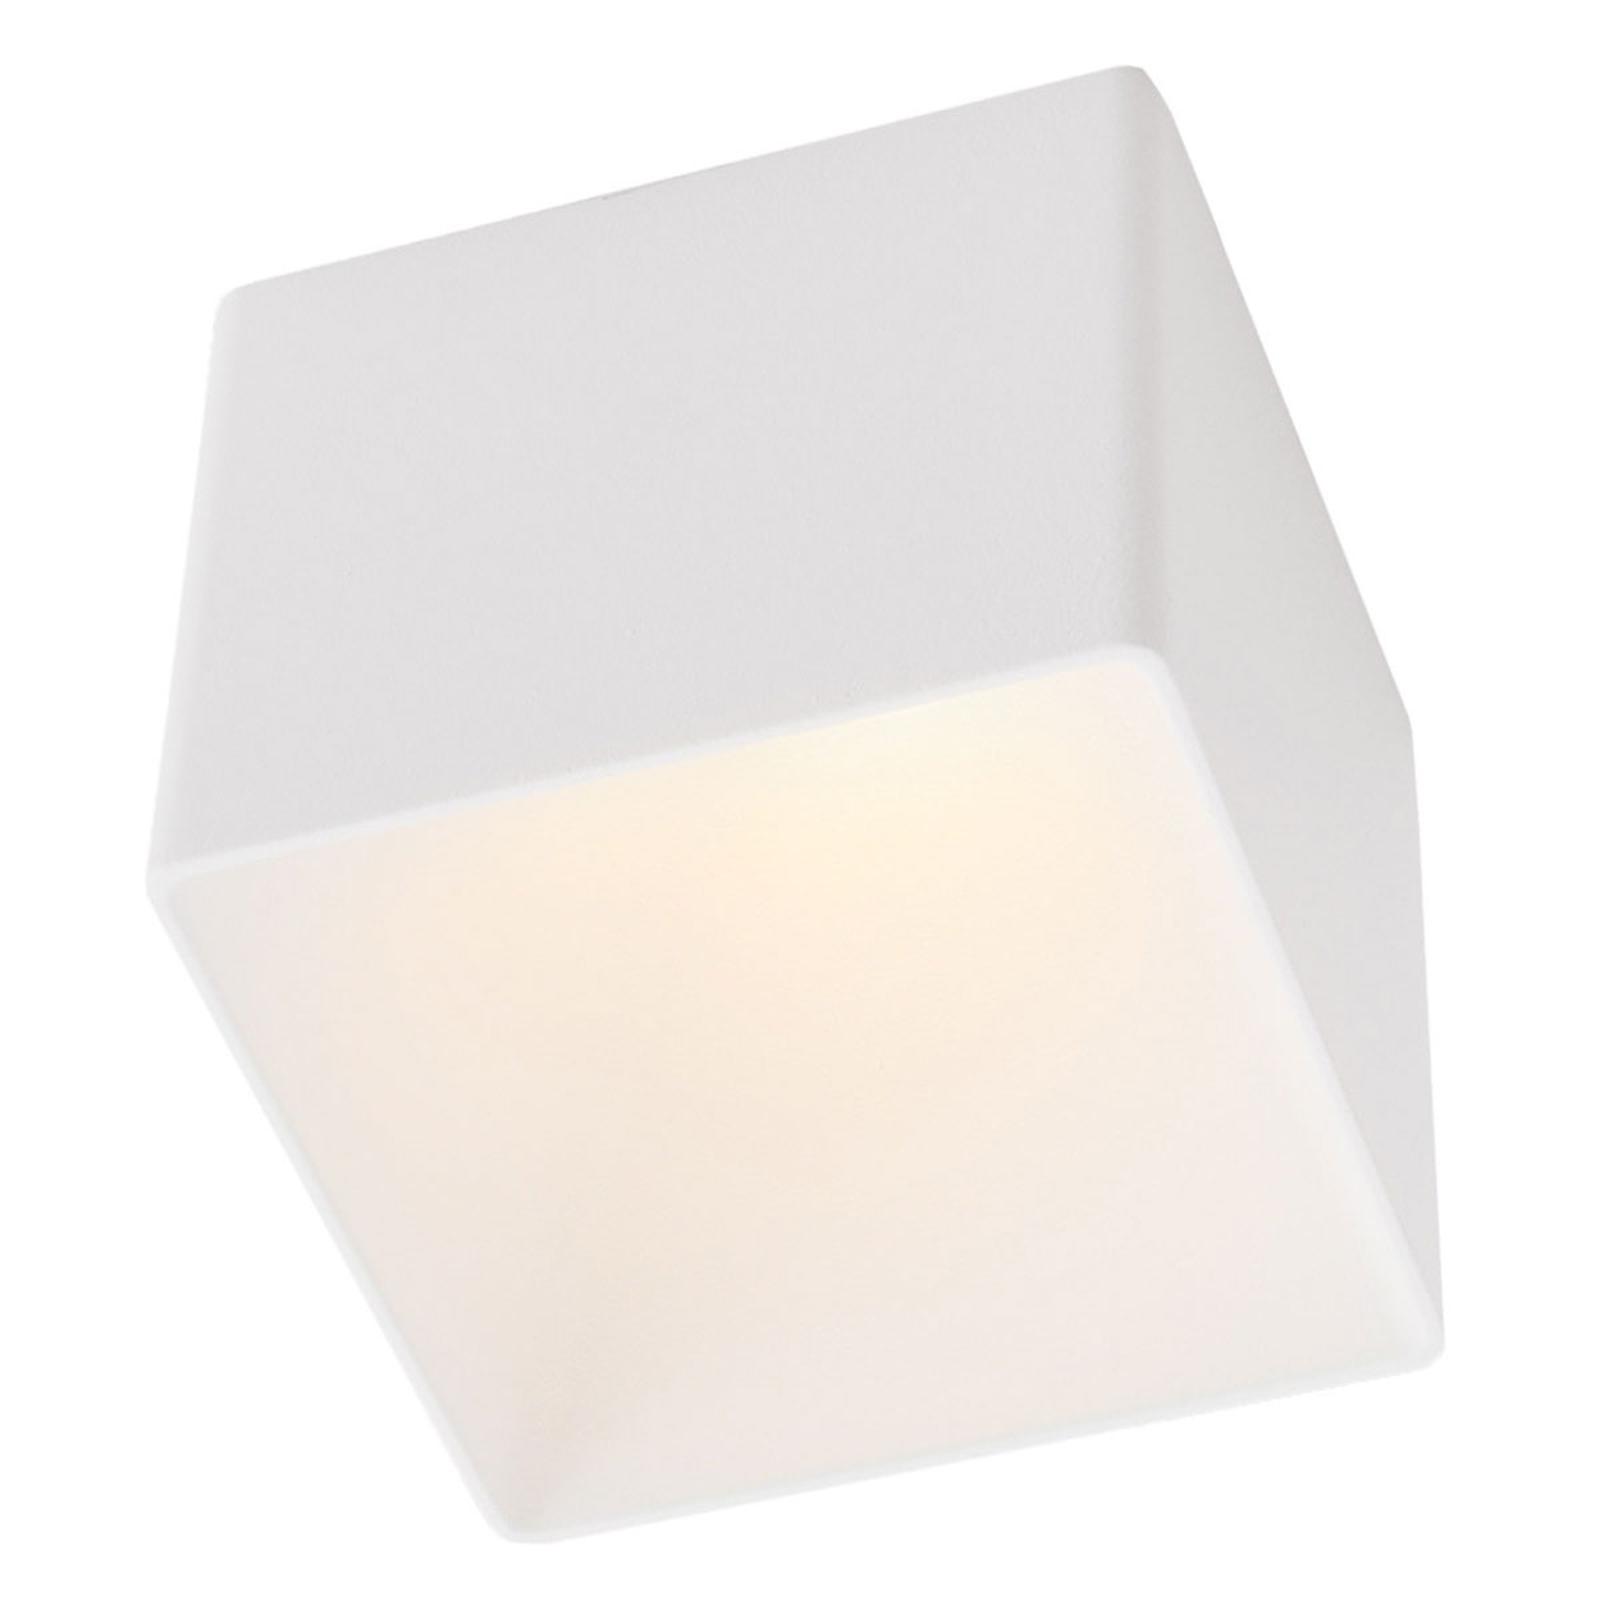 GF design Blocky Einbaulampe IP54 weiß 2.700 K